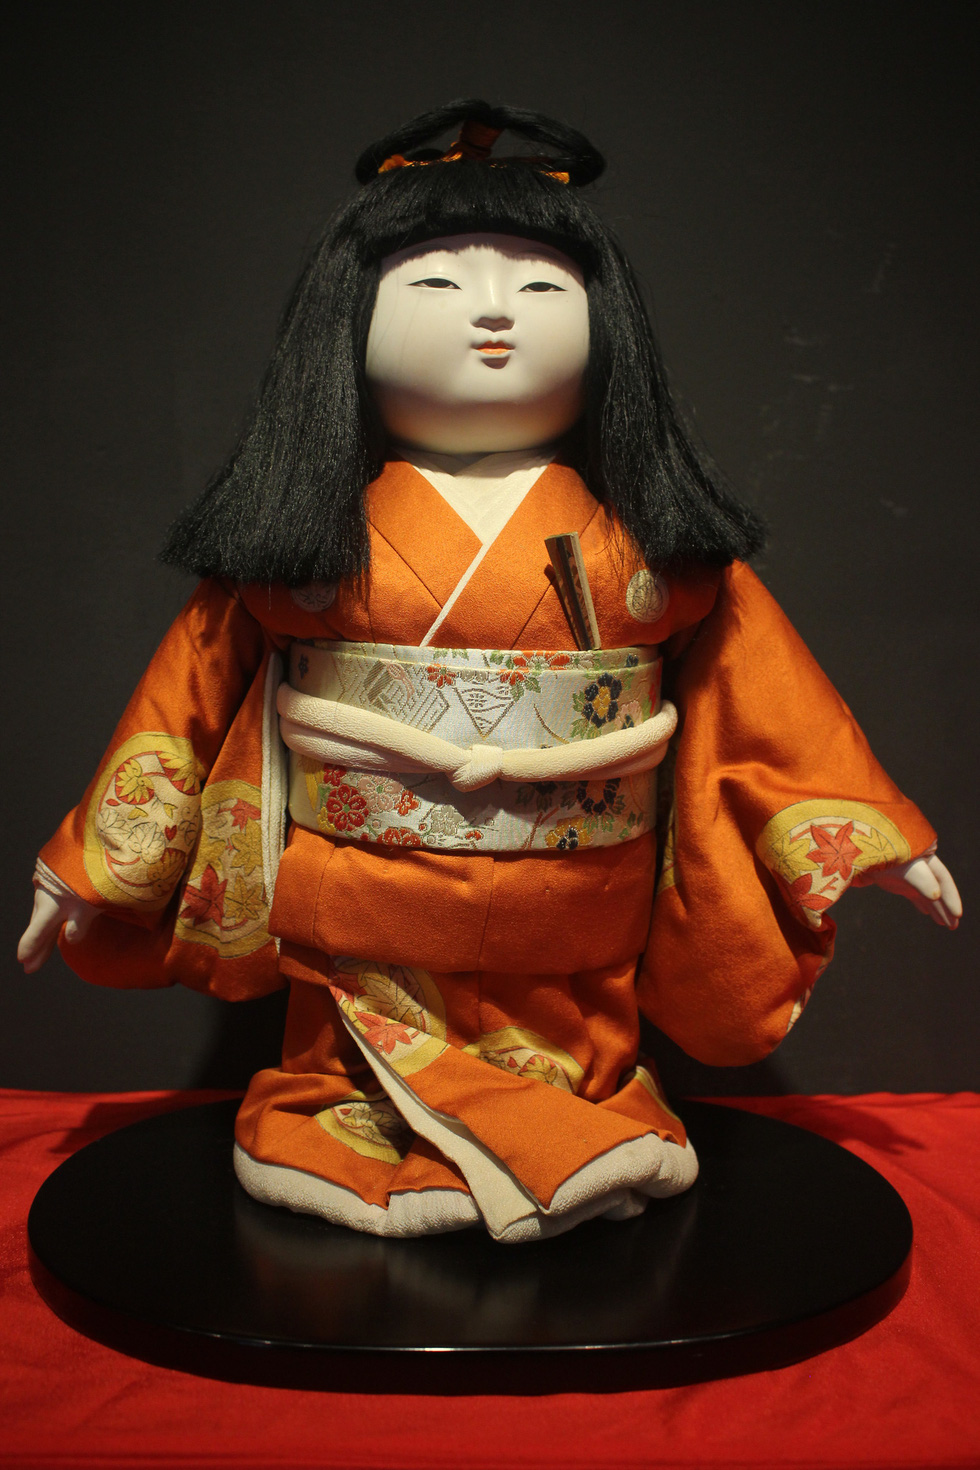 Bí ẩn thế giới búp bê truyền thống Nhật Bản - Ảnh 5.